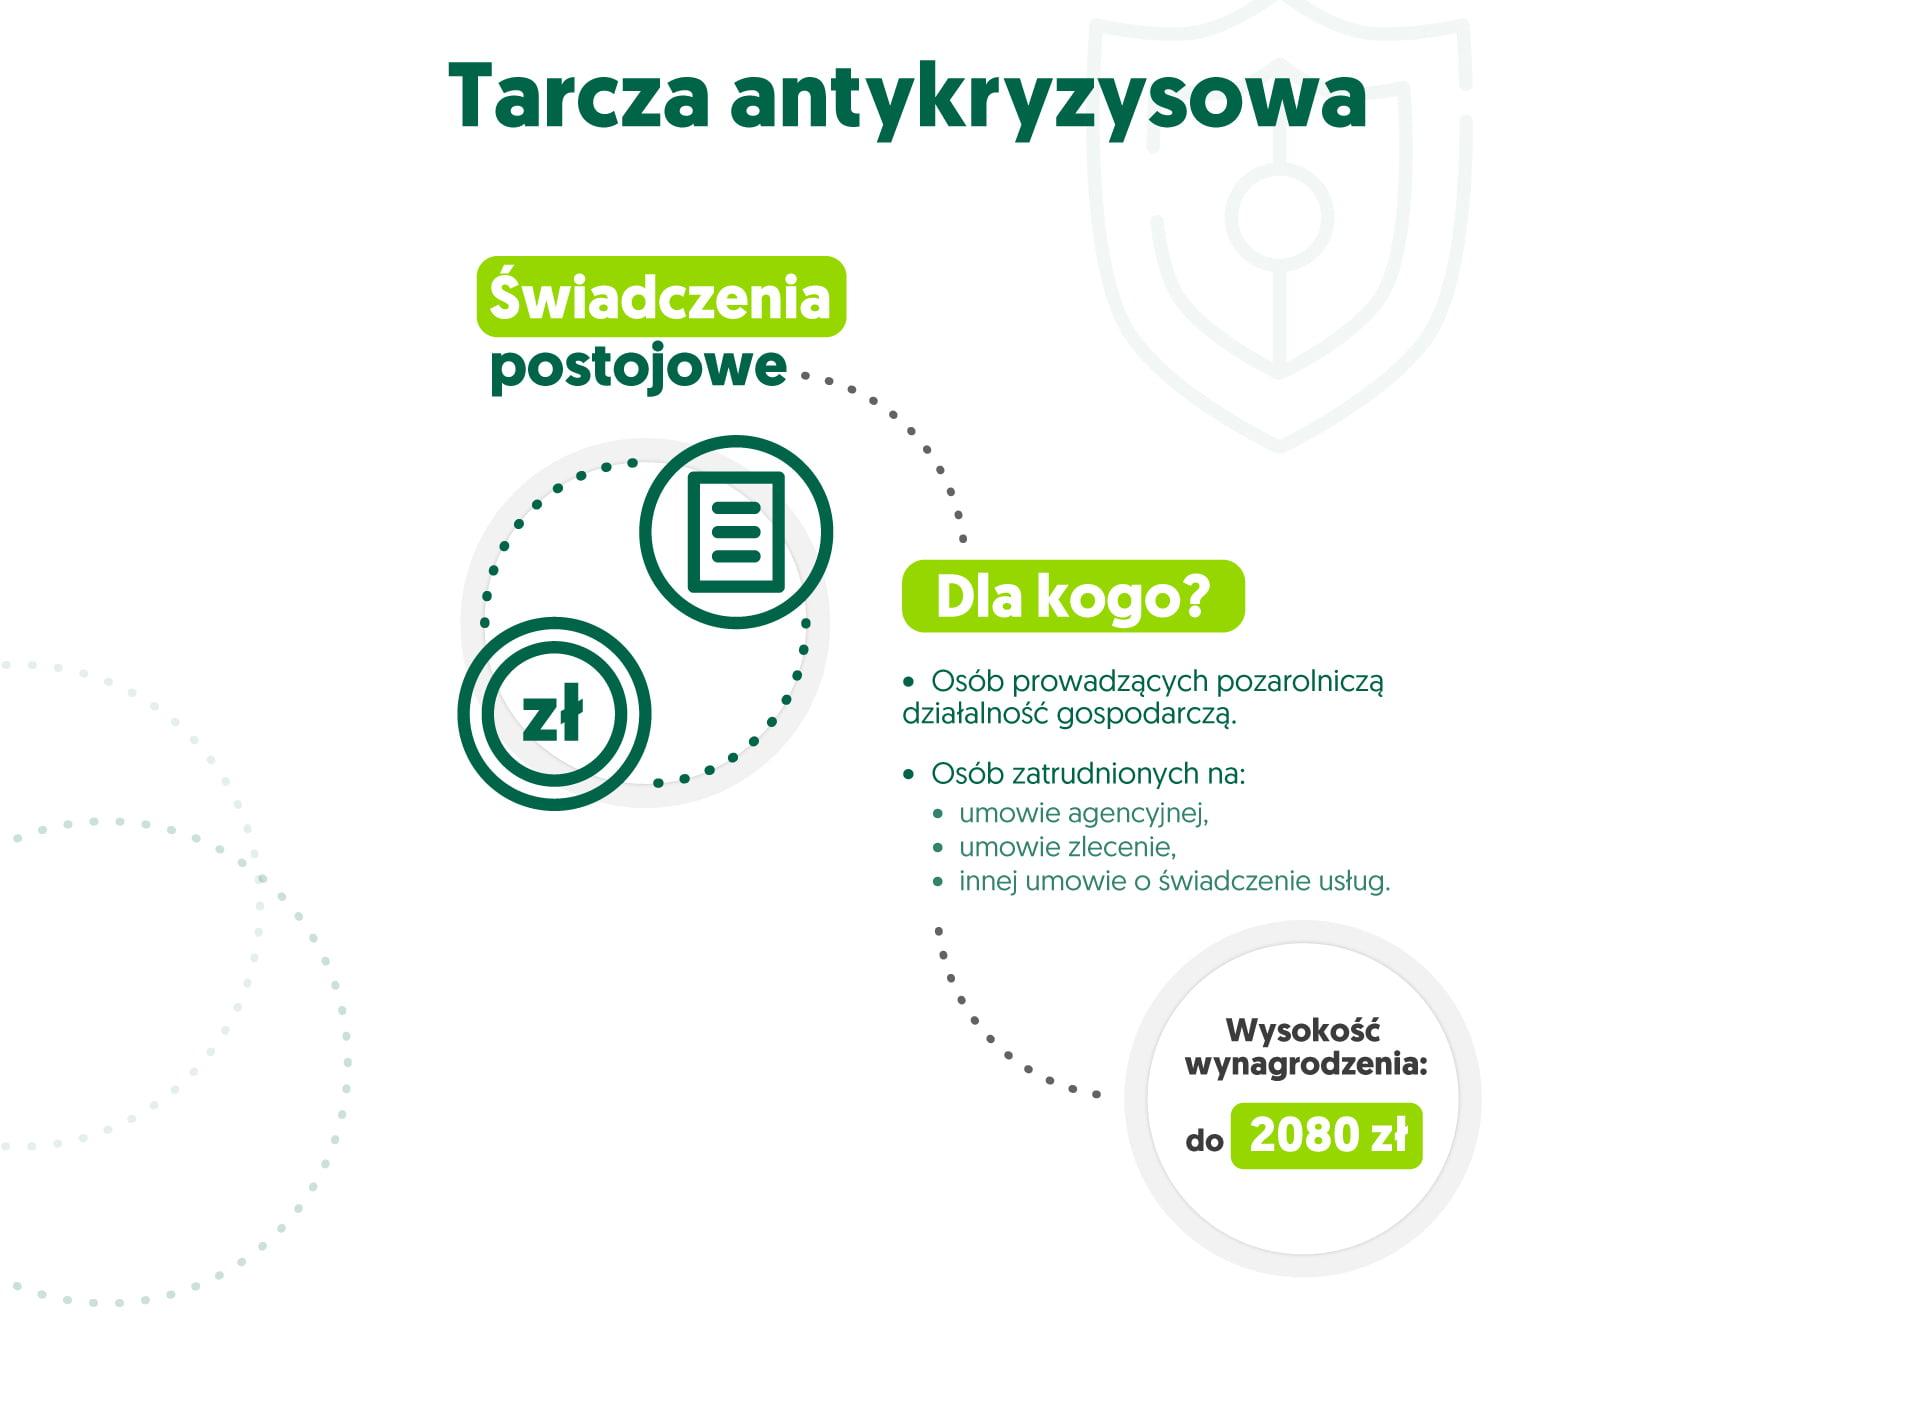 infografika tarcza antykryzysowa - świadczenia postojowe